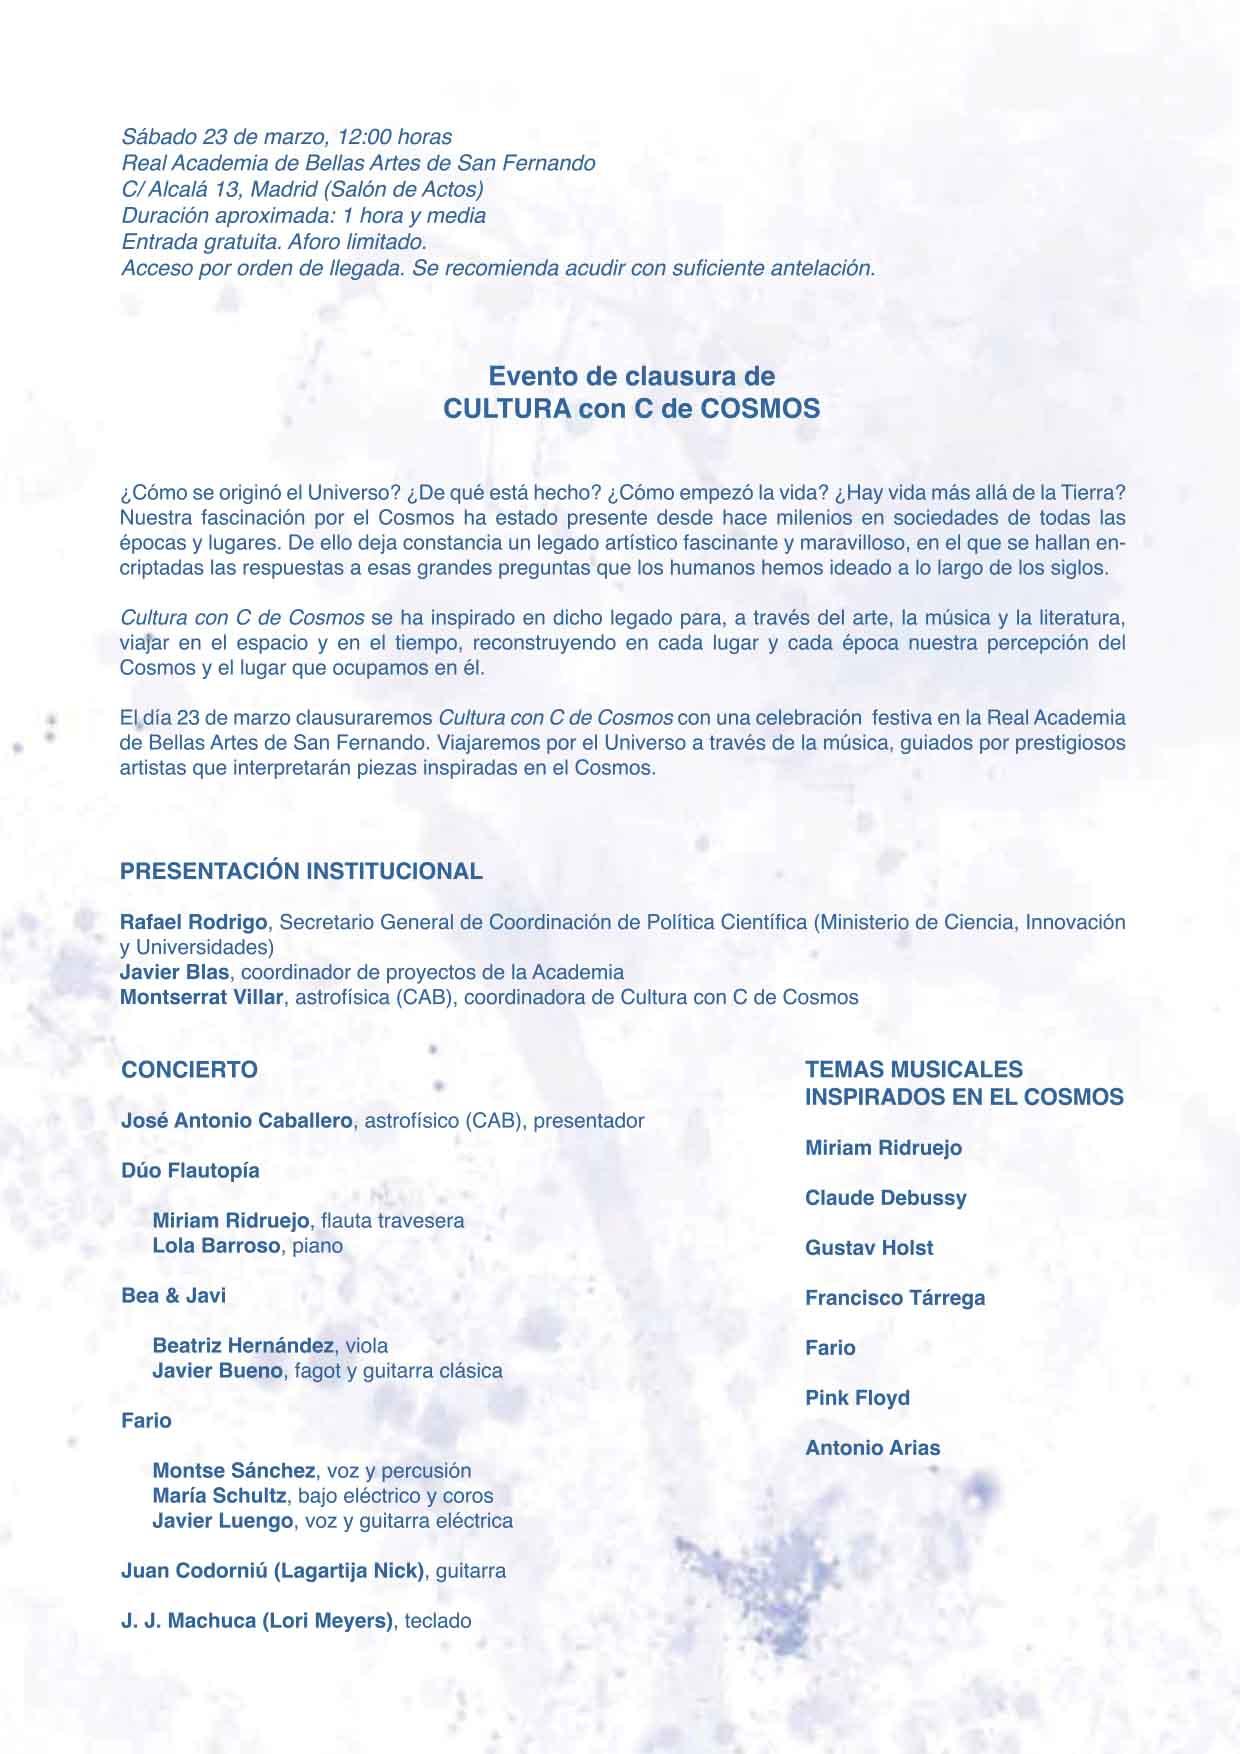 Invitación clausura Cultura con C de Cosmos C3